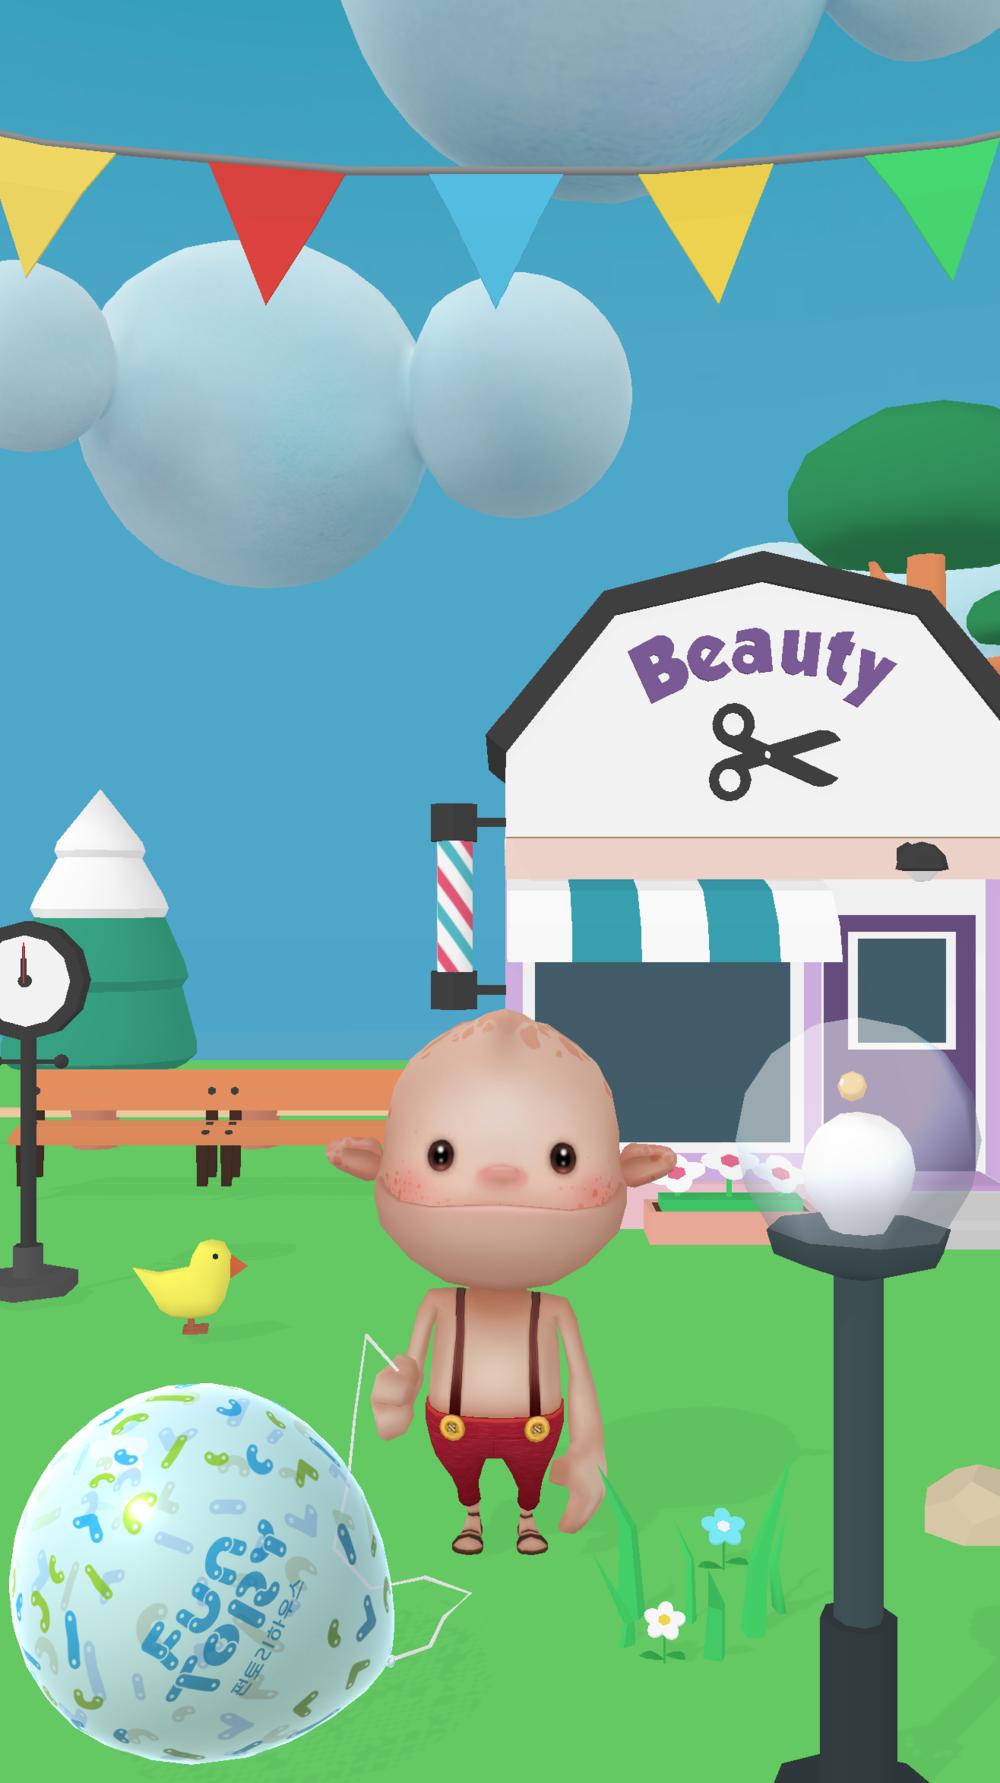 3. 미용실/Beauty Shop